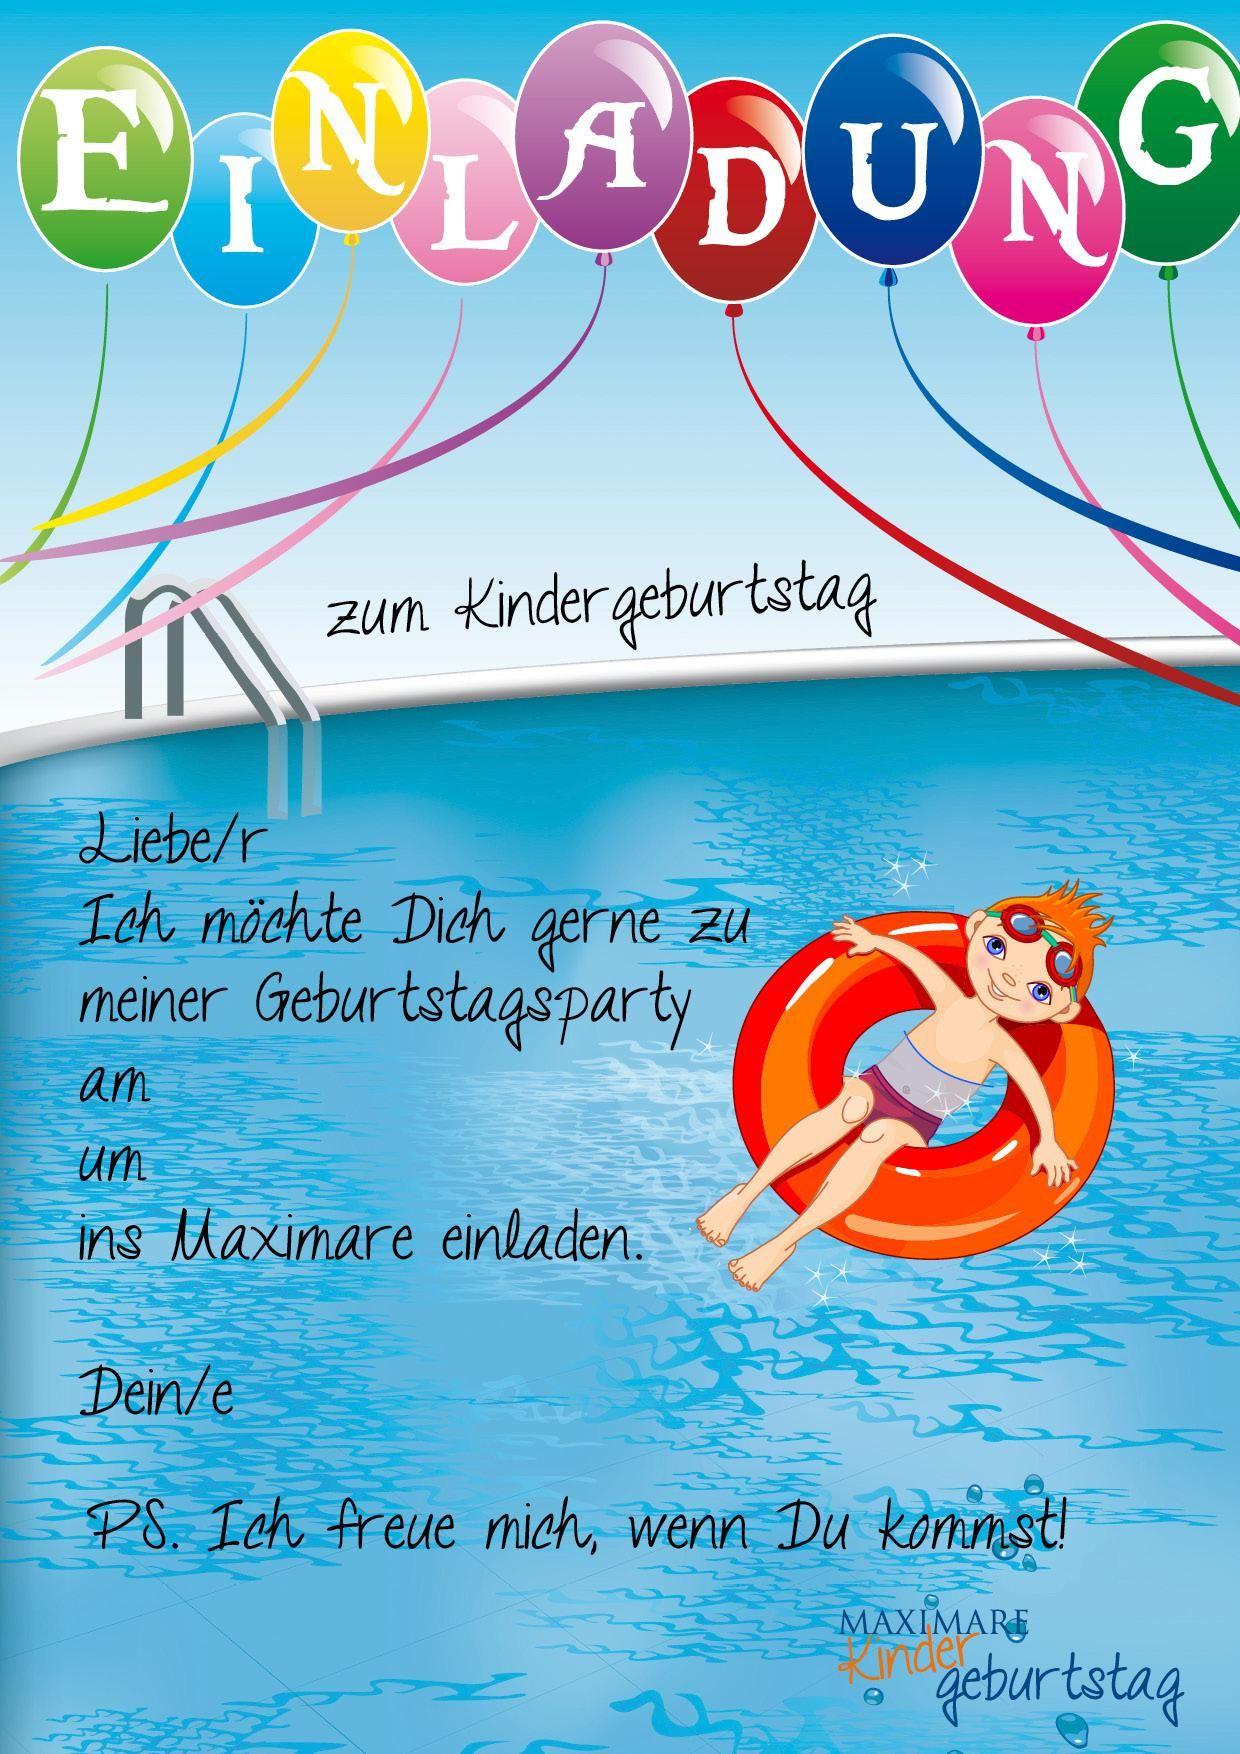 einladung kindergeburtstag schwimmen basteln | geburtstag, Einladung